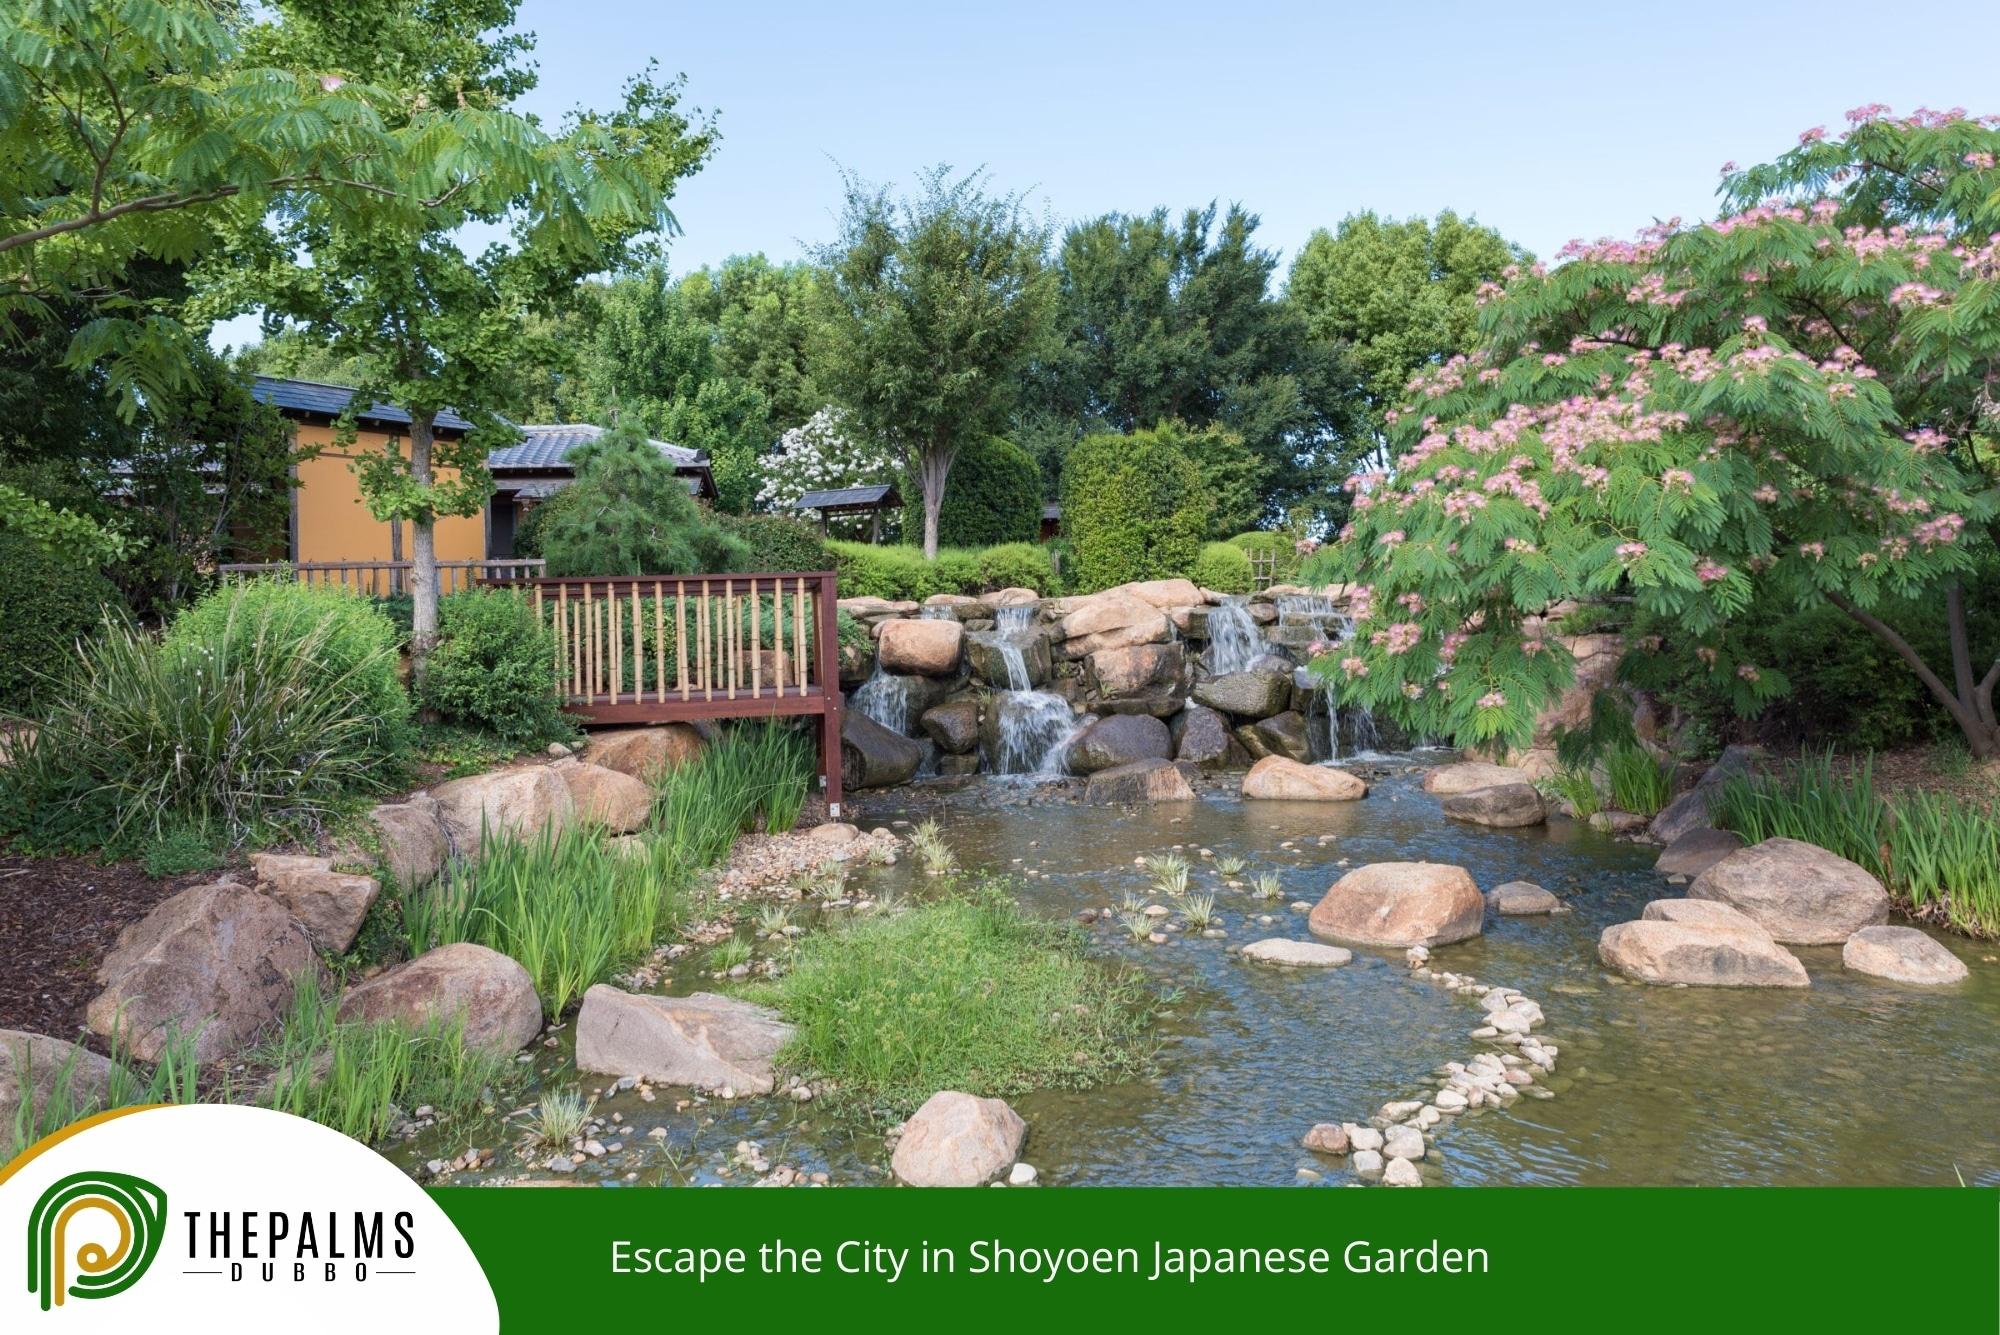 Escape the City in Shoyoen Japanese Garden